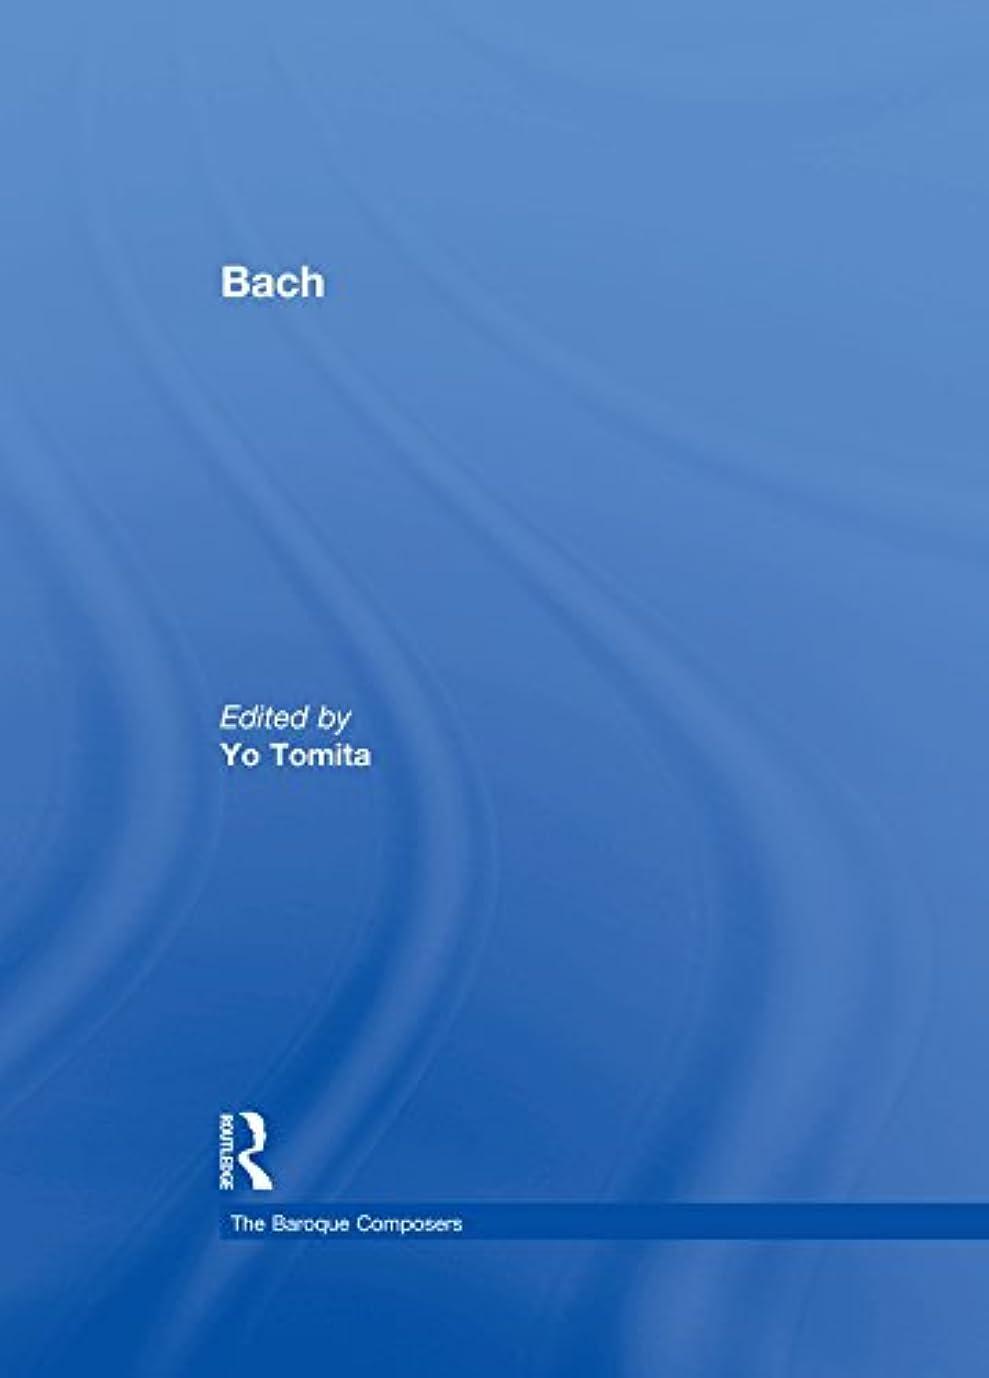 肝その間クリアBach (The Baroque Composers) (English Edition)